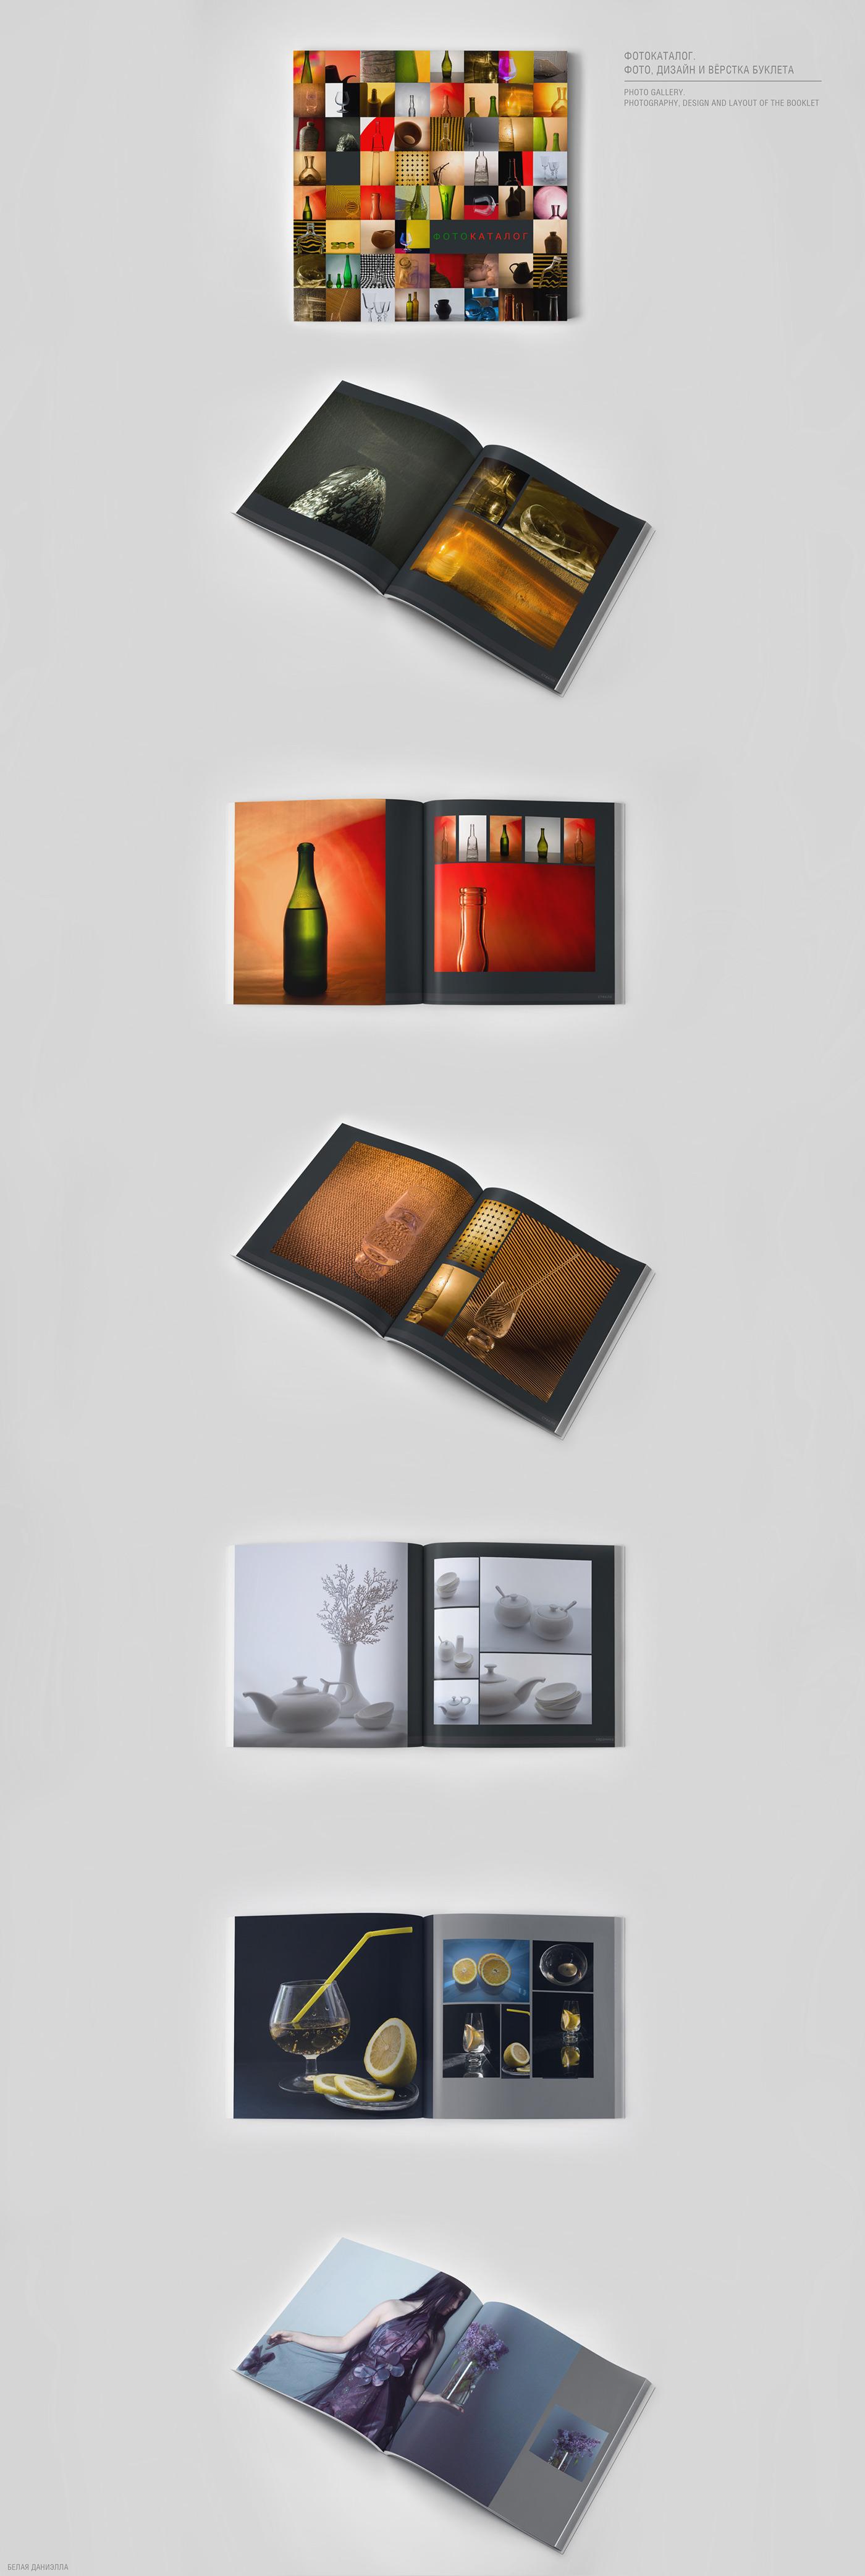 有獨特感的18款照片排版設計欣賞